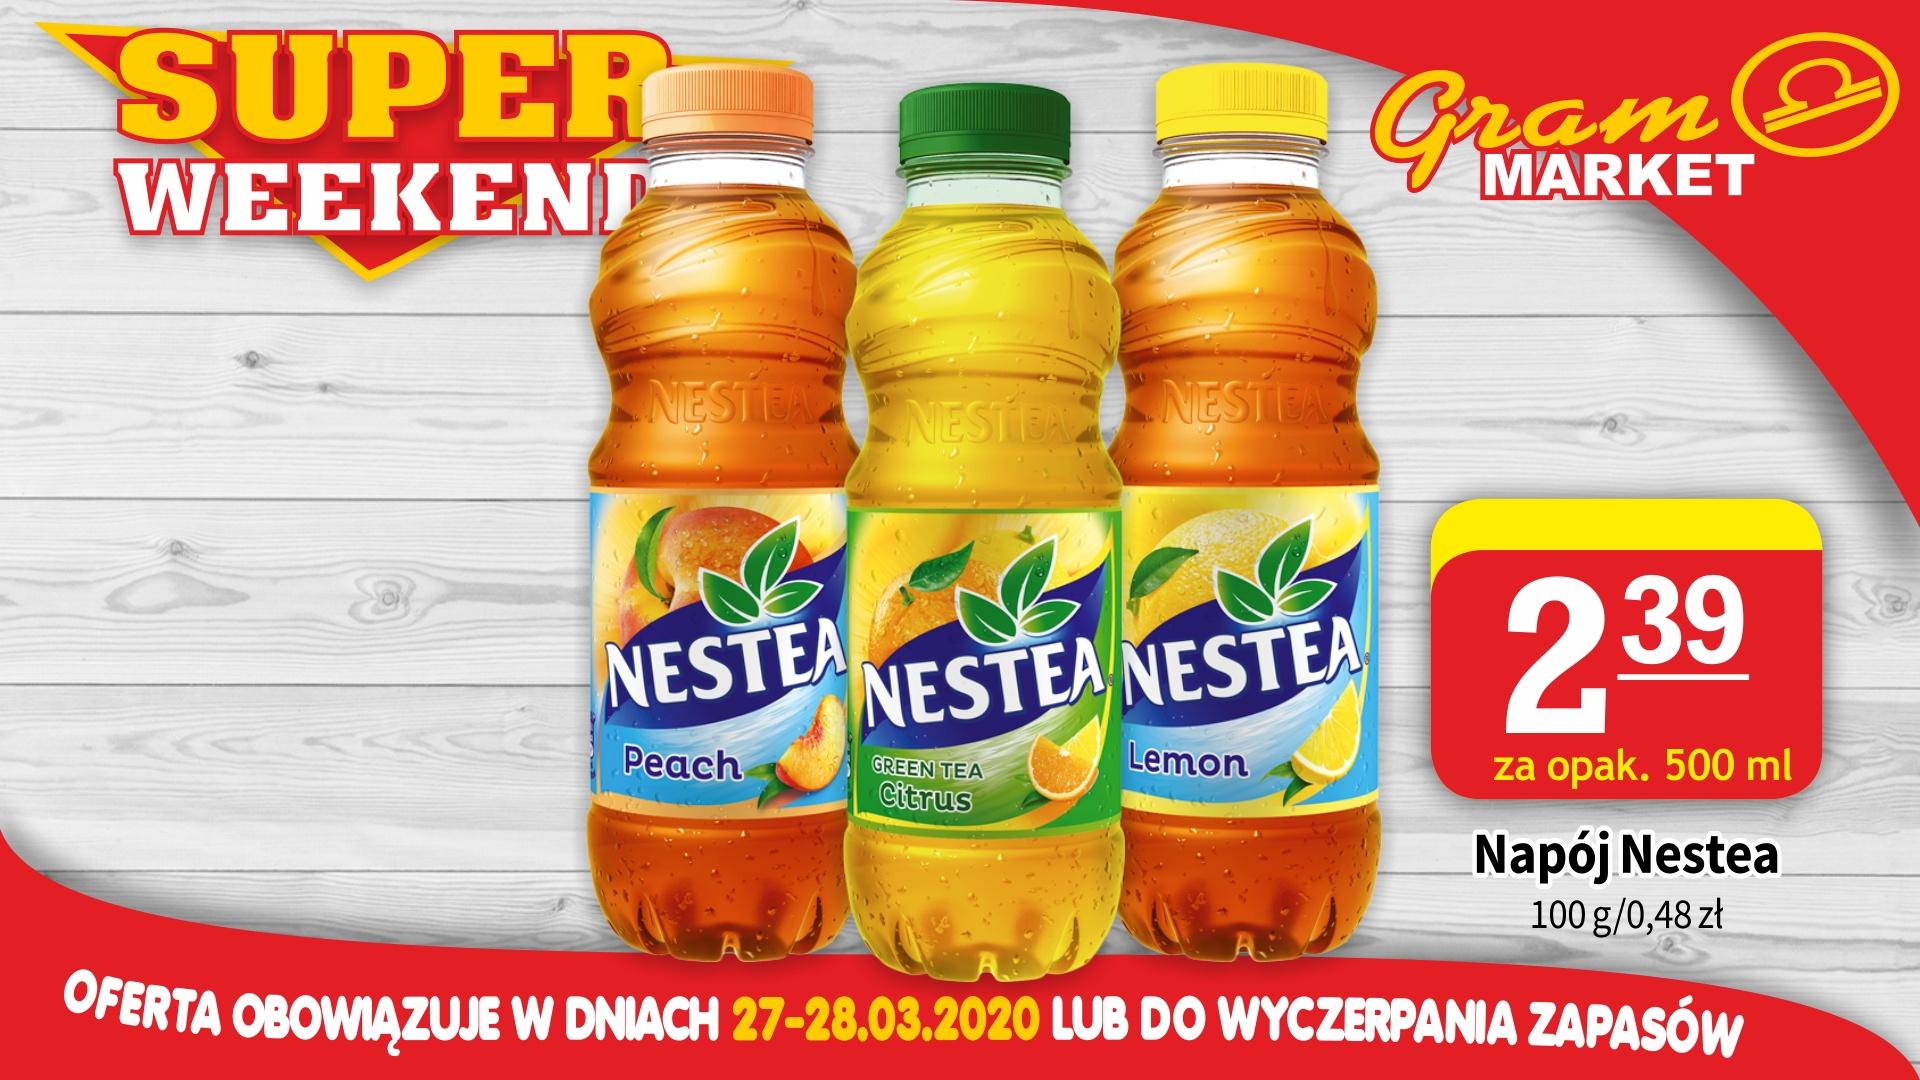 SUPER_WEEKEND-27-28.03.2020-2